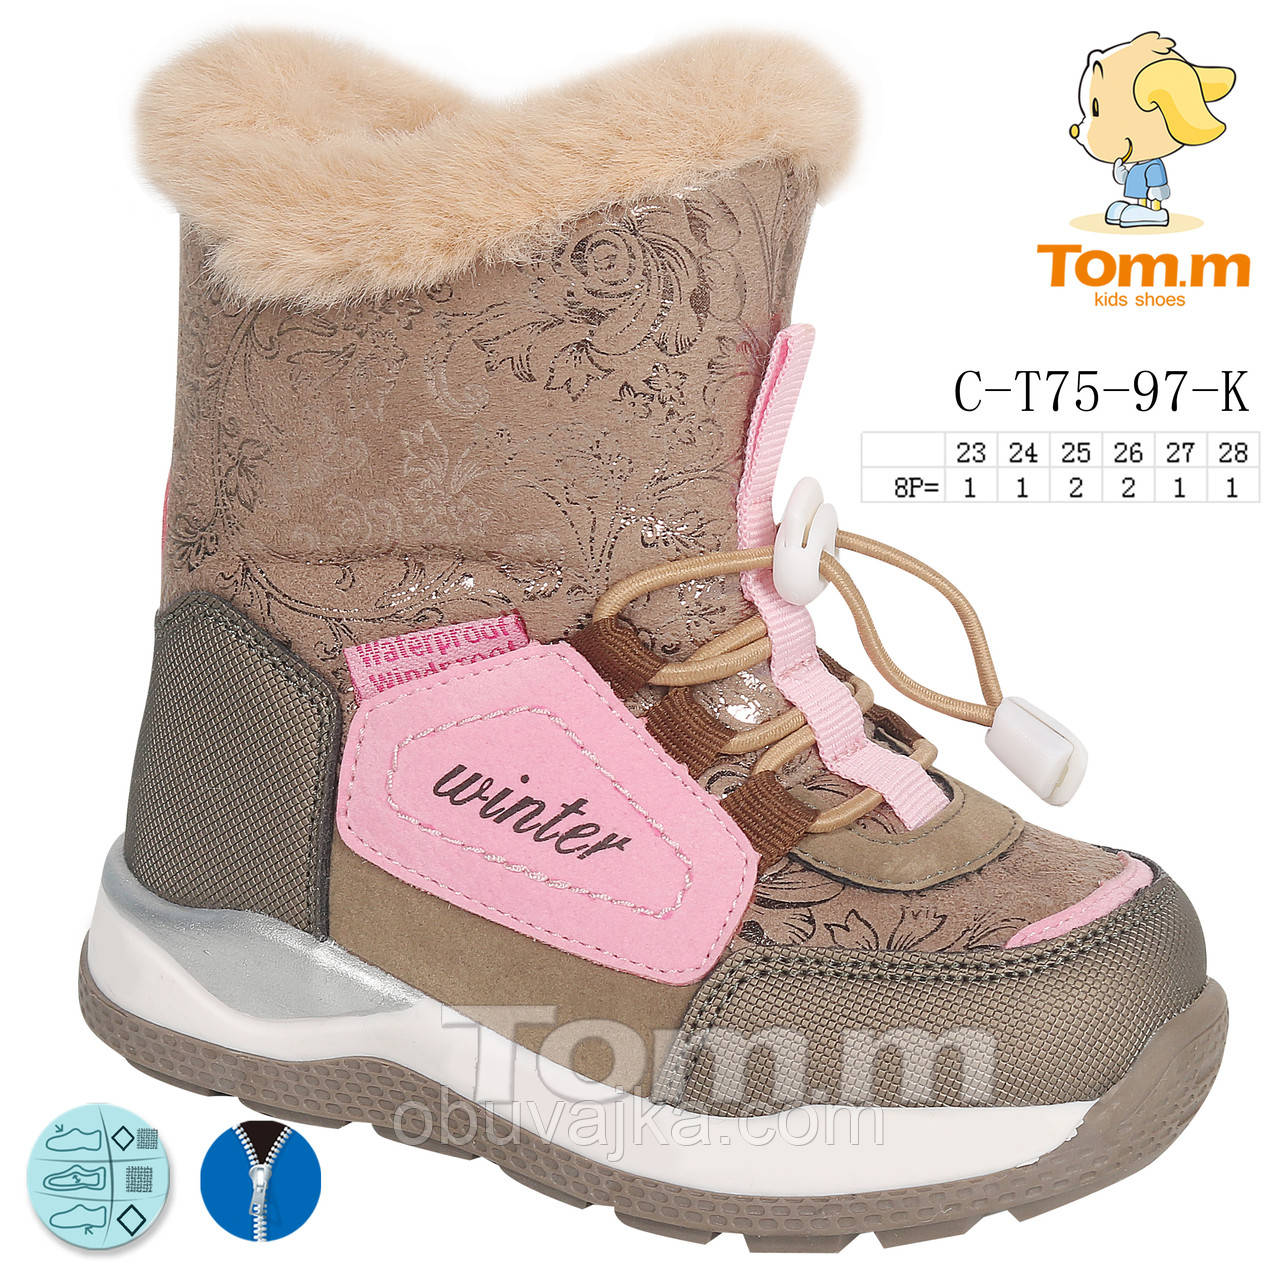 Зимняя обувь оптом Зимние ботинки 2020 для детей от фирмы Tom m(23-28)